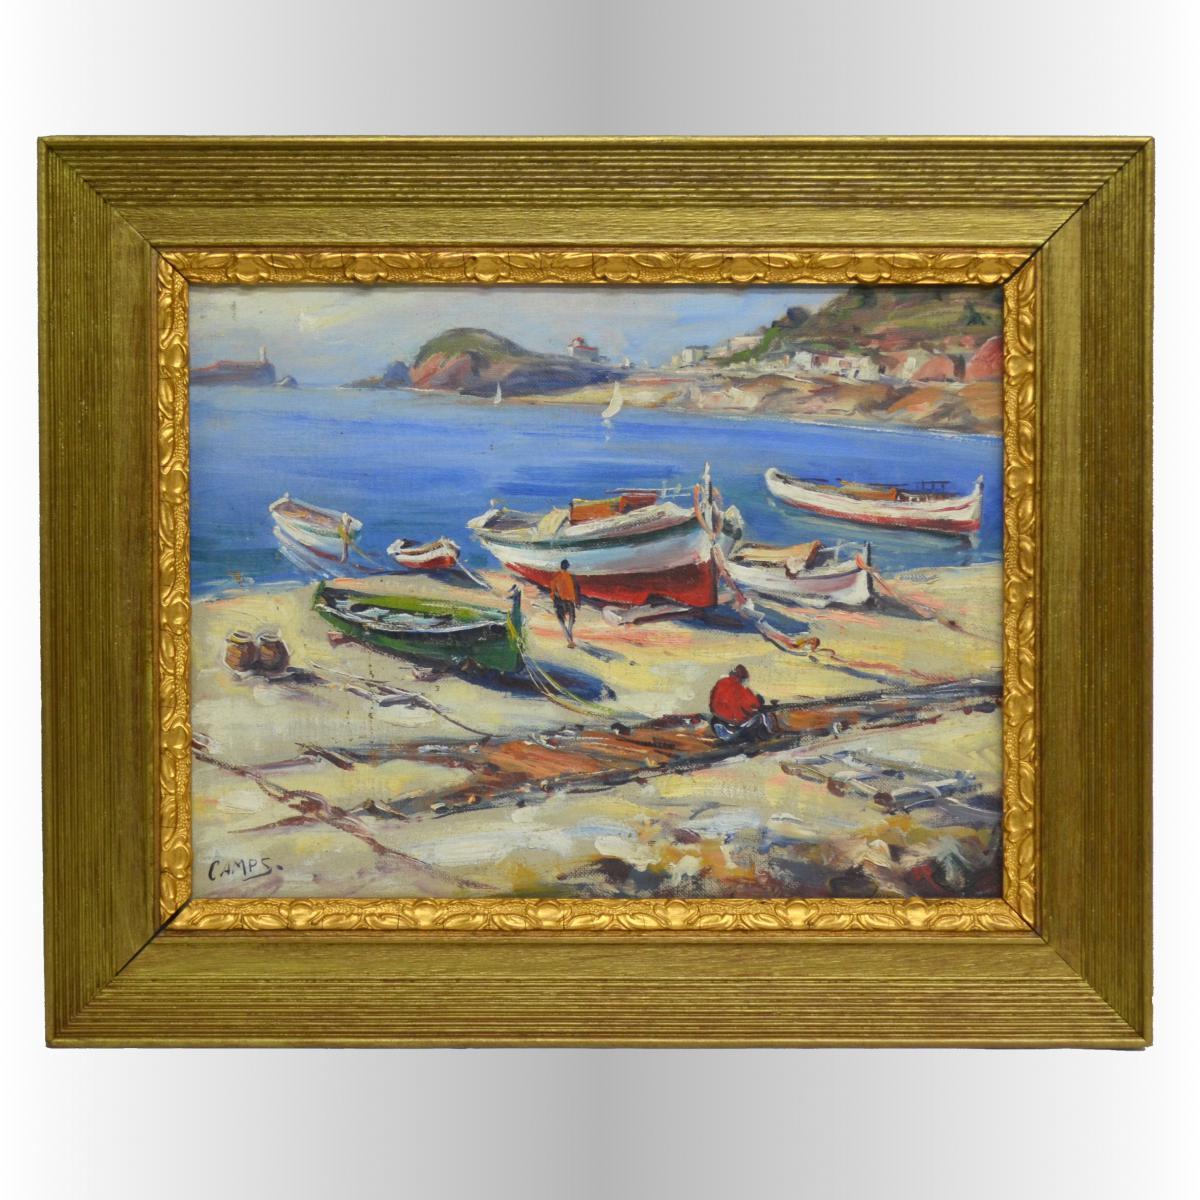 Port de pêche en Espagne par José Camps Gordon